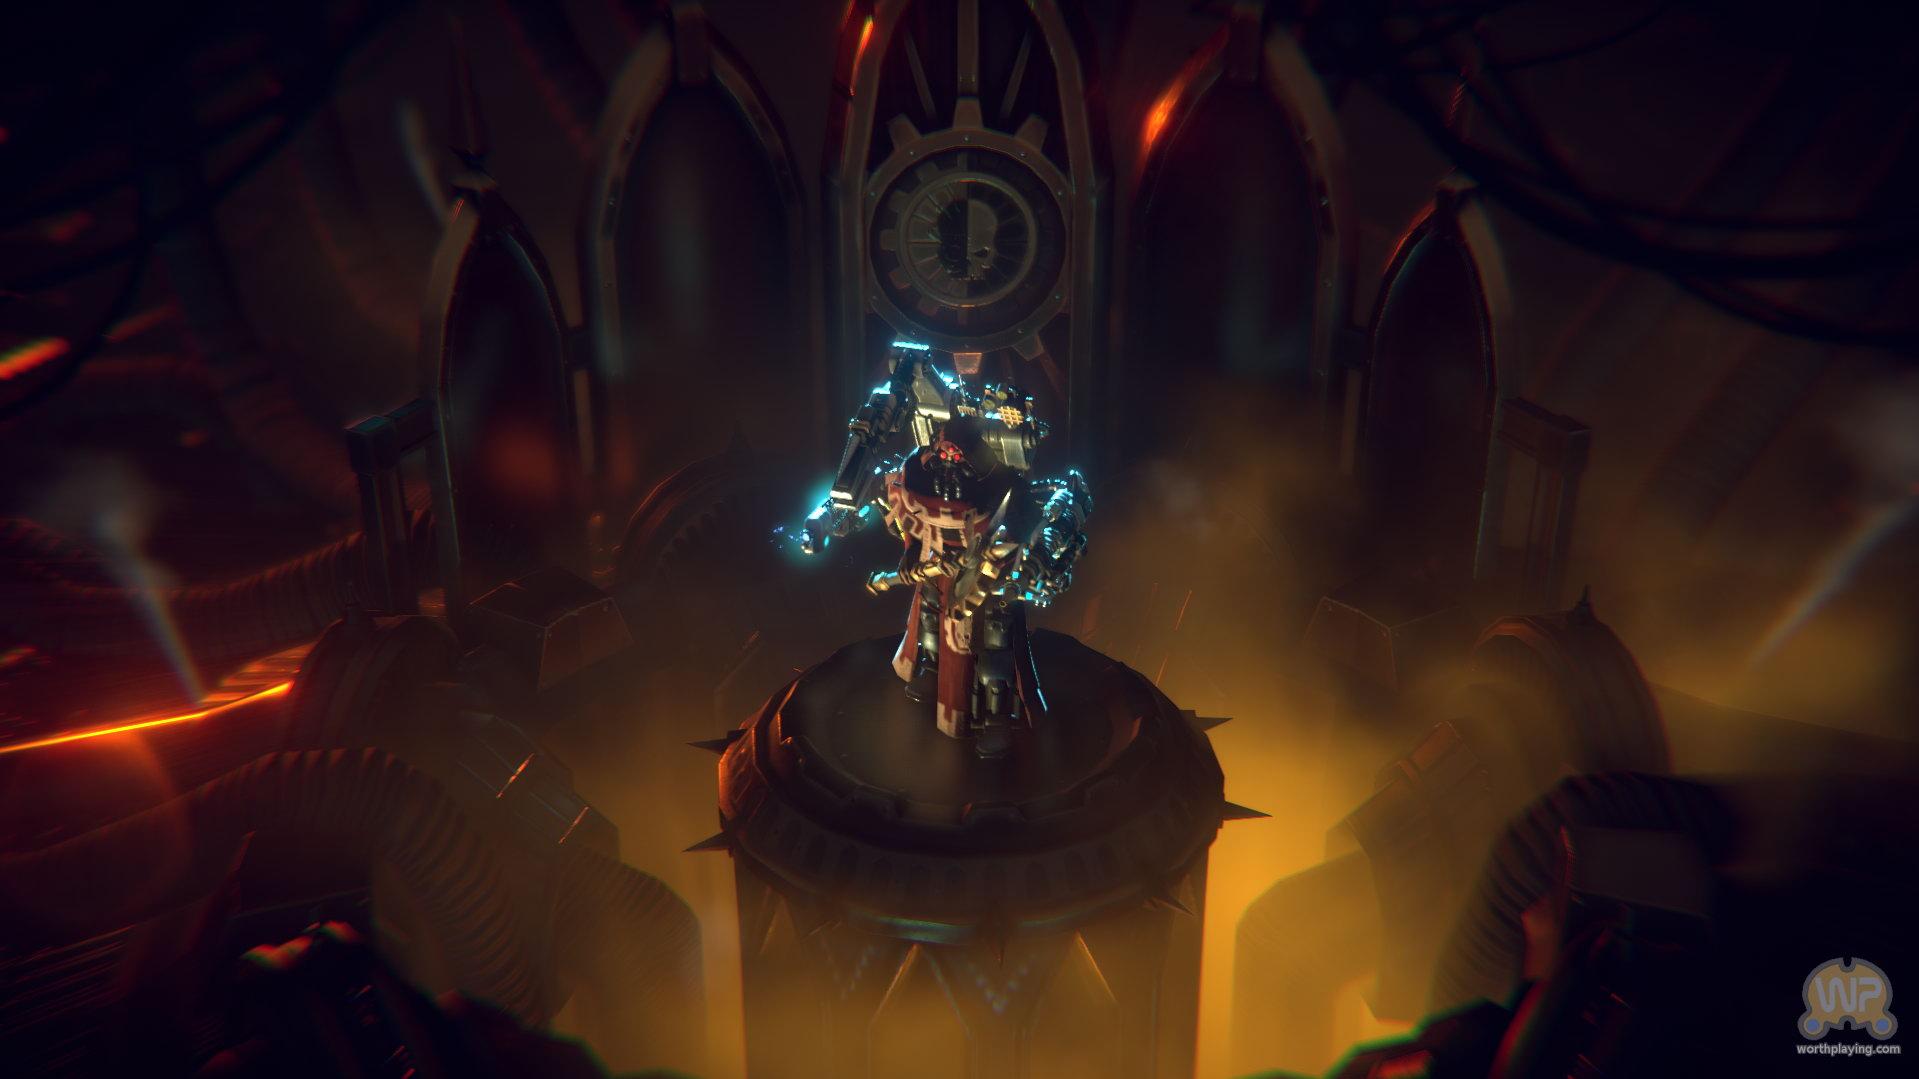 战锤迷不可错过 《战锤40K:机械神教》发售日及新截图公布